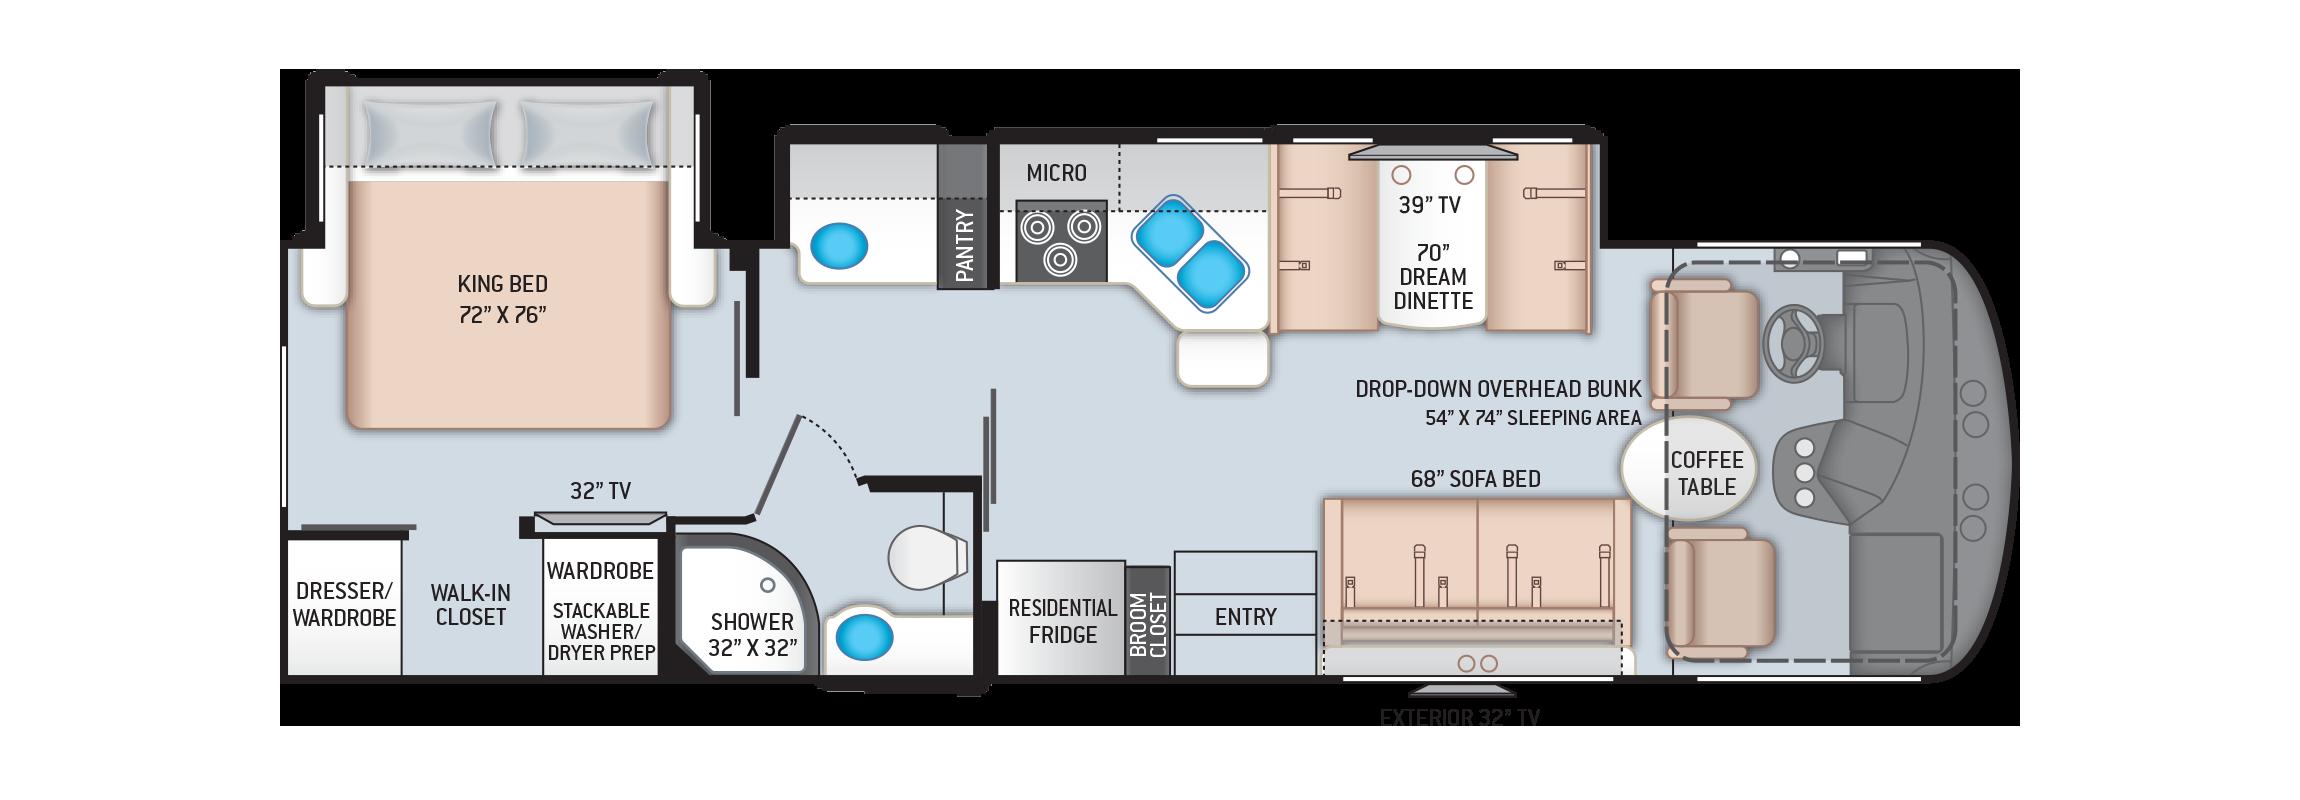 Windsport Class A Motorhome 31C Floor Plan